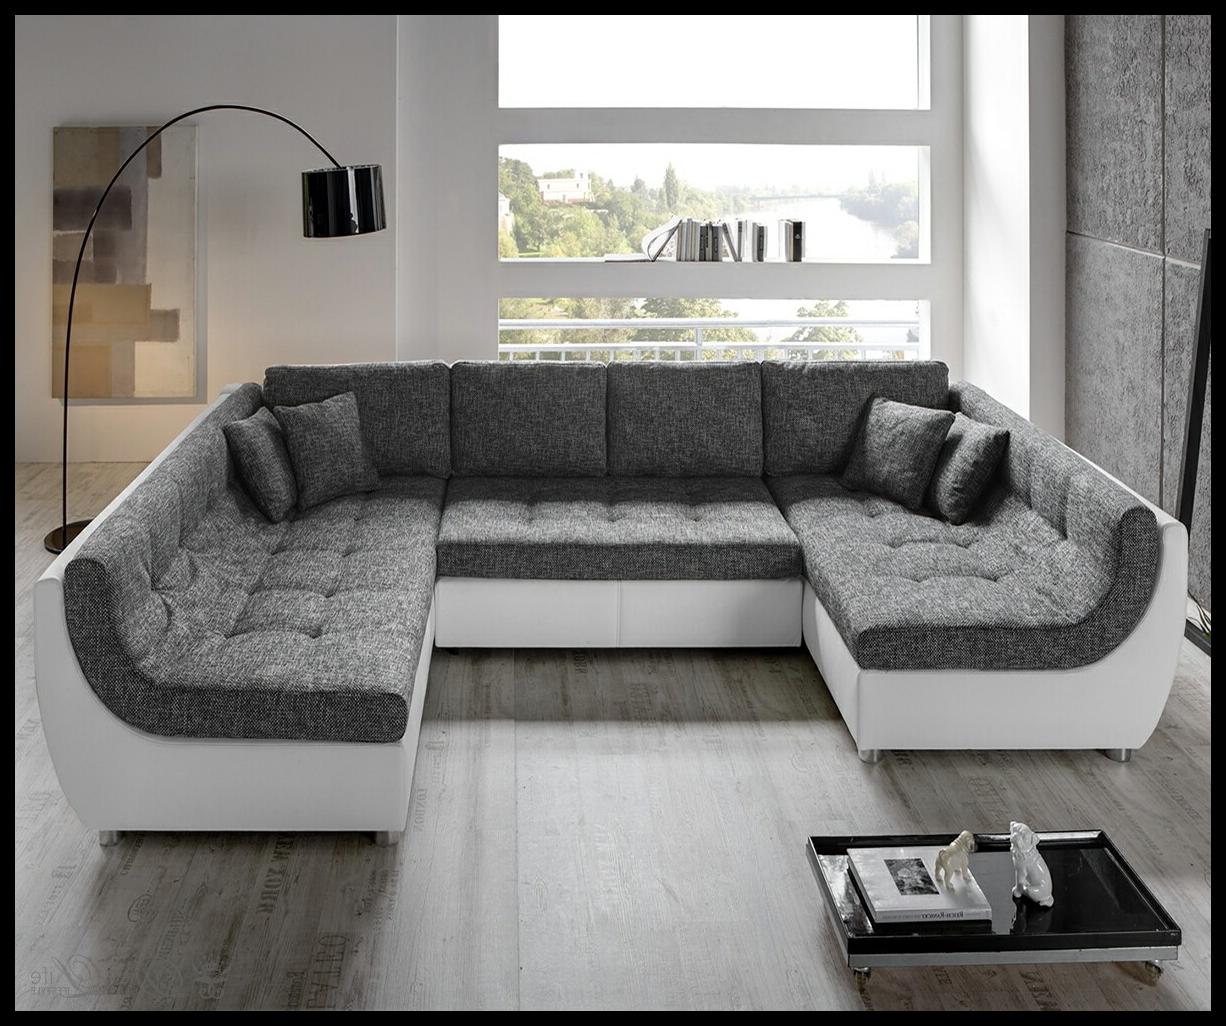 wohnzimmer couch  Wohnzimmer  Pinterest  Wohnzimmer